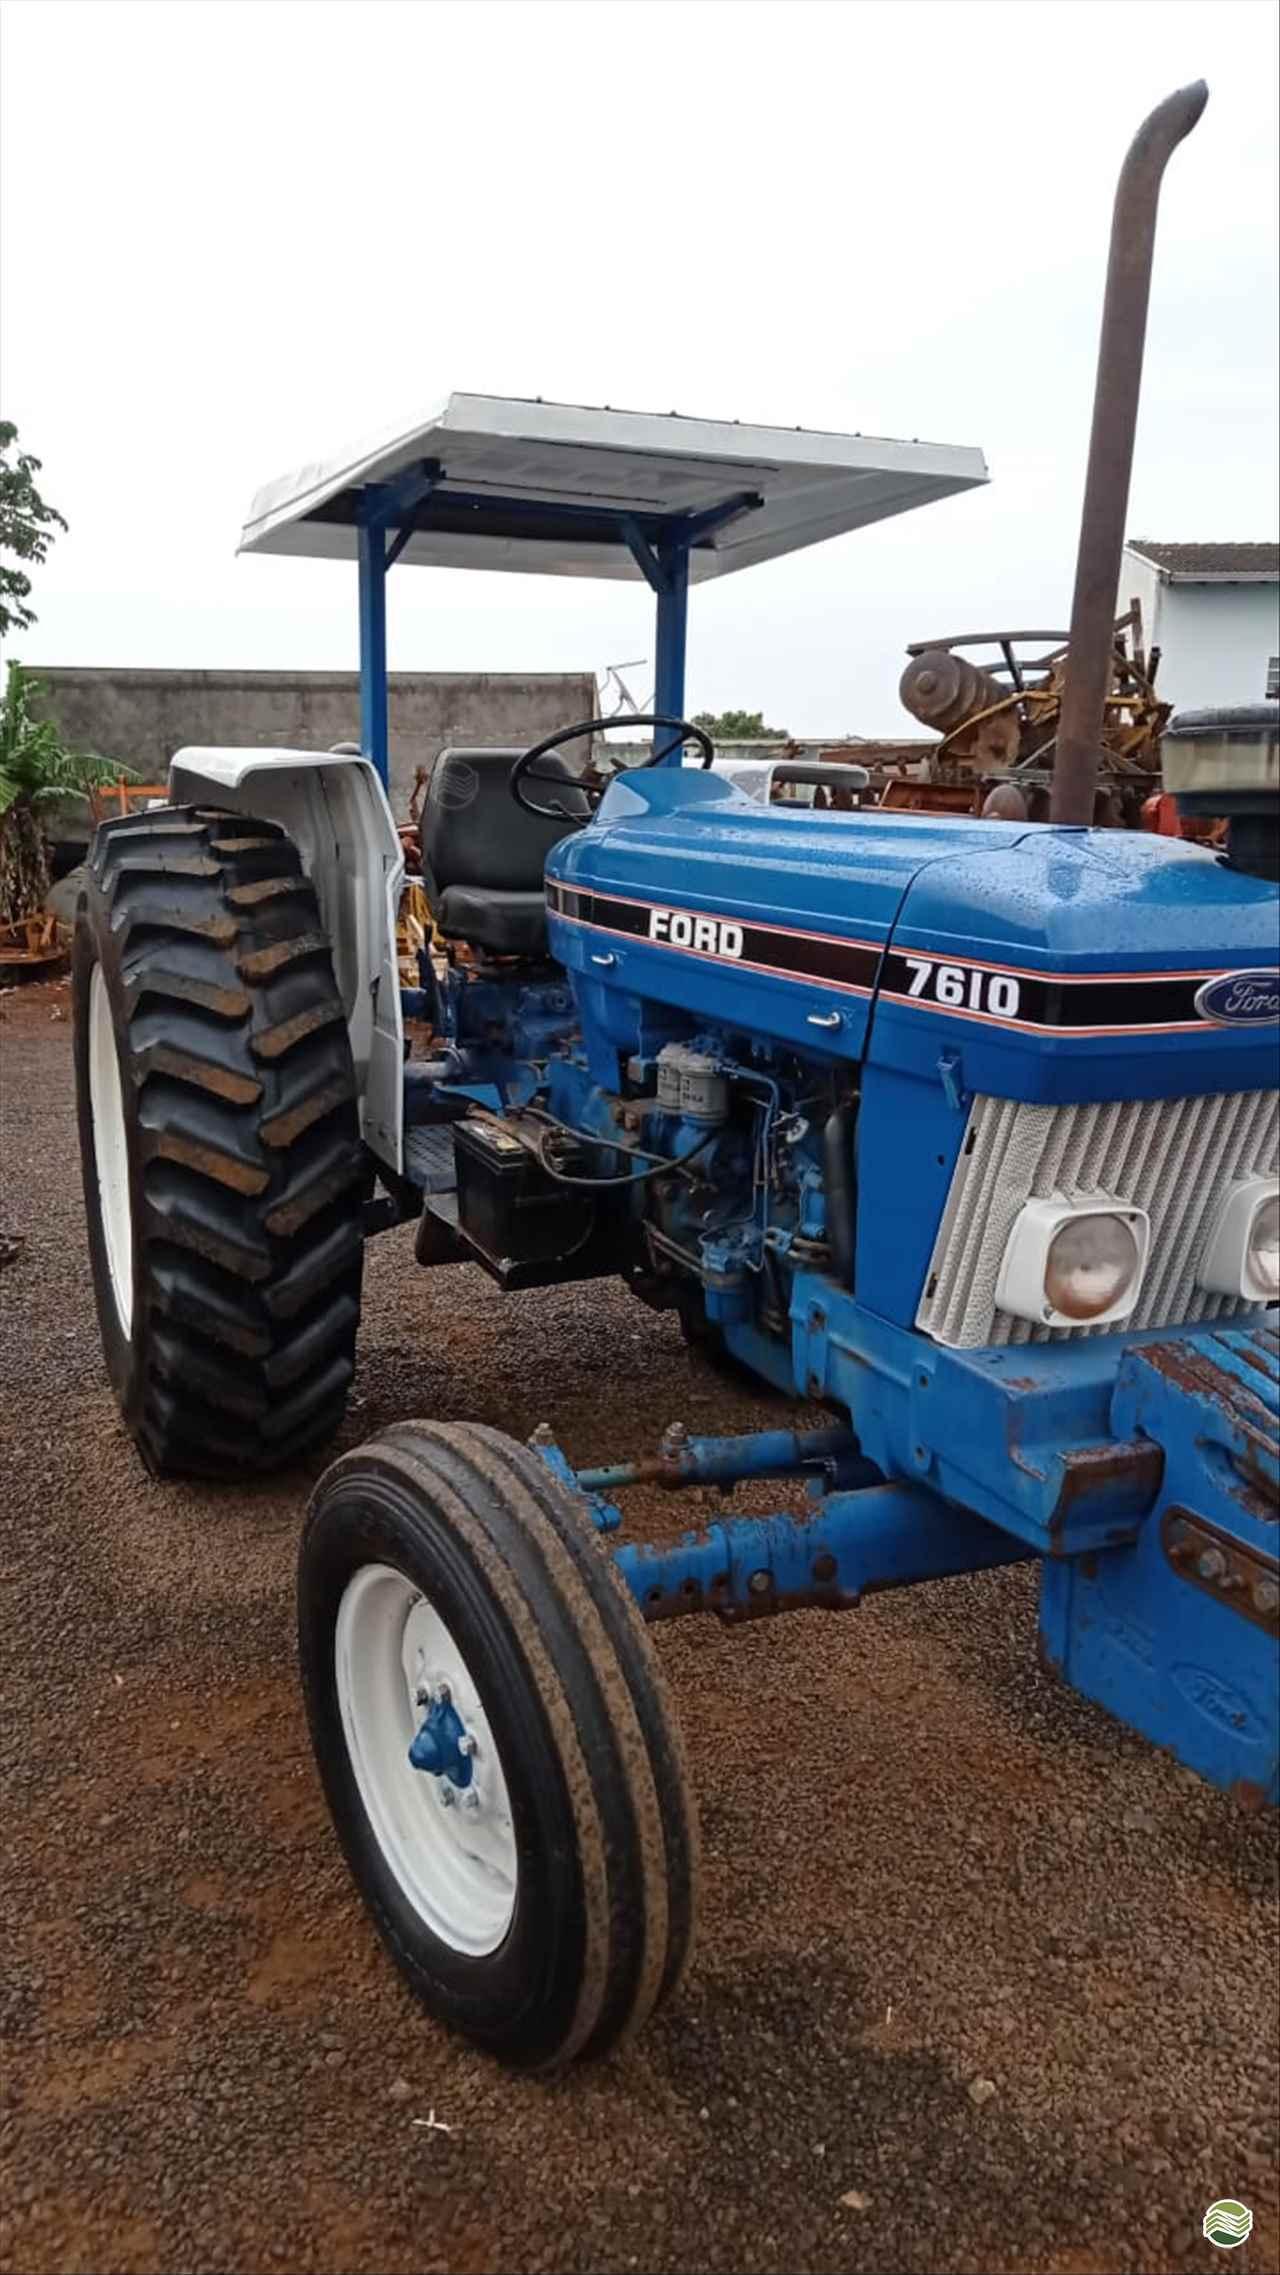 TRATOR FORD FORD 7610 Tração 4x2 Agromaq Tratores e Máquinas Agrícolas LONDRINA PARANÁ PR